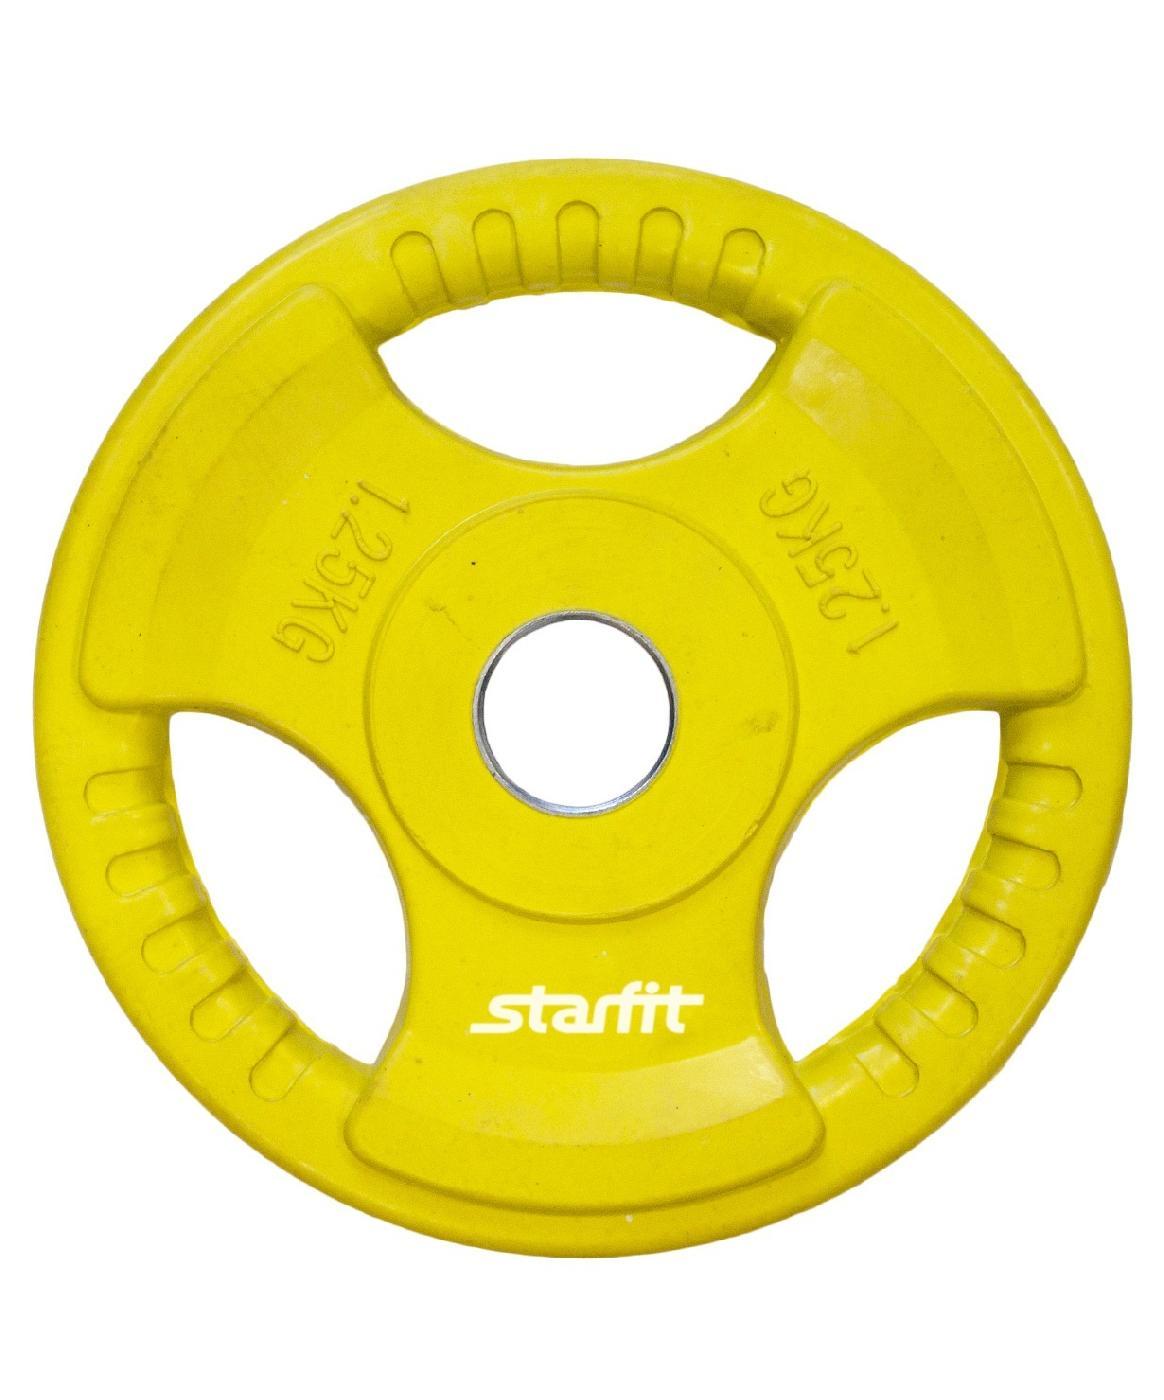 Диски Starfit УТ-00007160УТ-00007160Диск BB-201 - это цветной обрезиненный диск отSTARFIT, который имеет специальную форму, при помощи которой диск можно удобно брать за ручки. Металлическая втулка для удобного надевания и снимания диска. Характеристики: Вес, кг:1,25 Внутренний материал:металл Покрытие:резина Диаметр посадочного отверстия, см:2,6 Диаметр диска, см:16 Толщина диска, см:2,9 Цвет:желтый Тип упаковки:полиэтиленовый пакет с наклейкой Количество в упаковке, шт:1 Производство:КНР Вес в упаковке, кг:1,268 Вес брутто:1.27 кг.